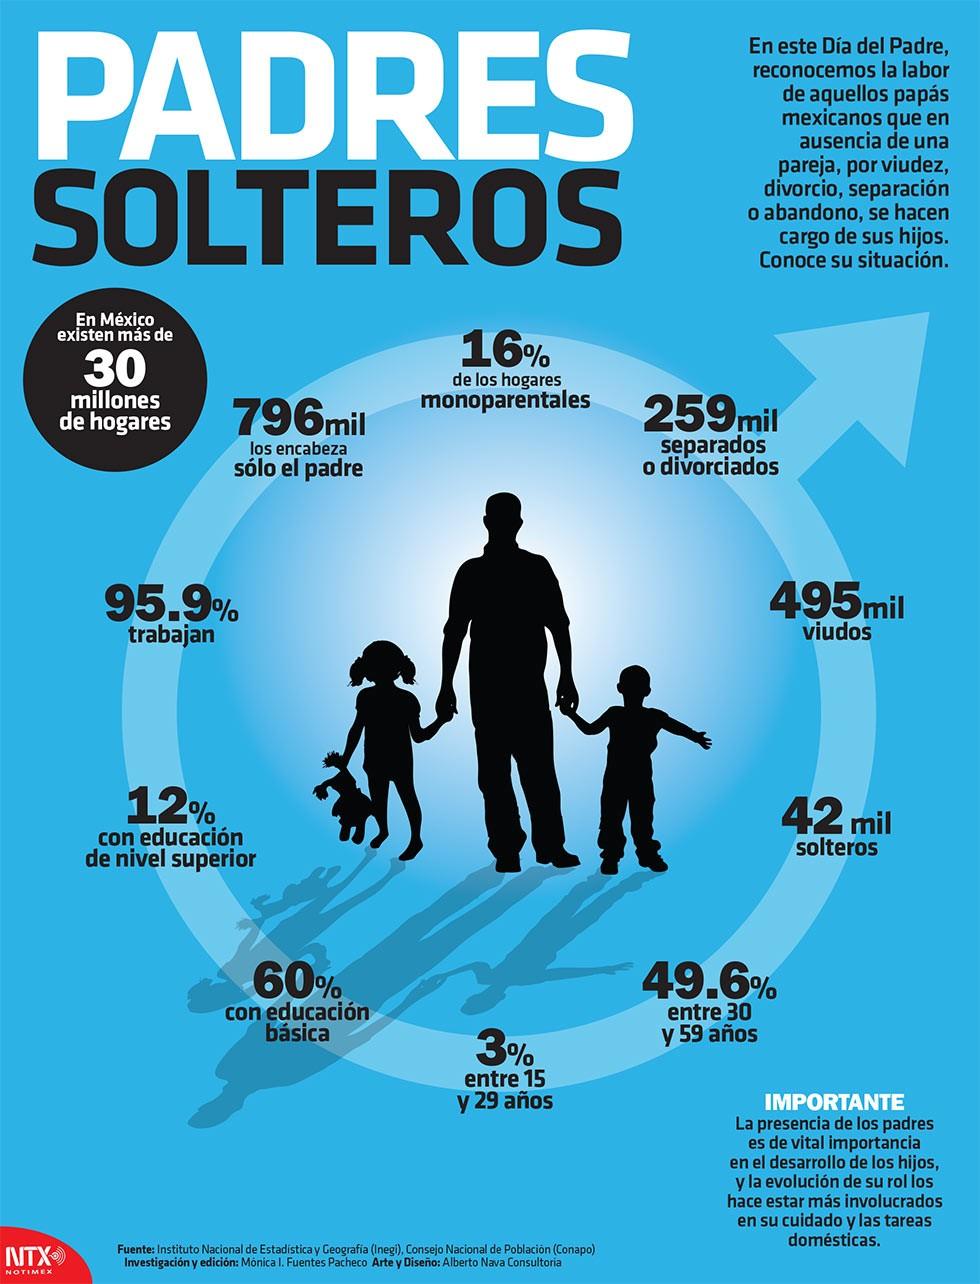 Imagen 2. Infografía Padres Solteros INEGI, 2005